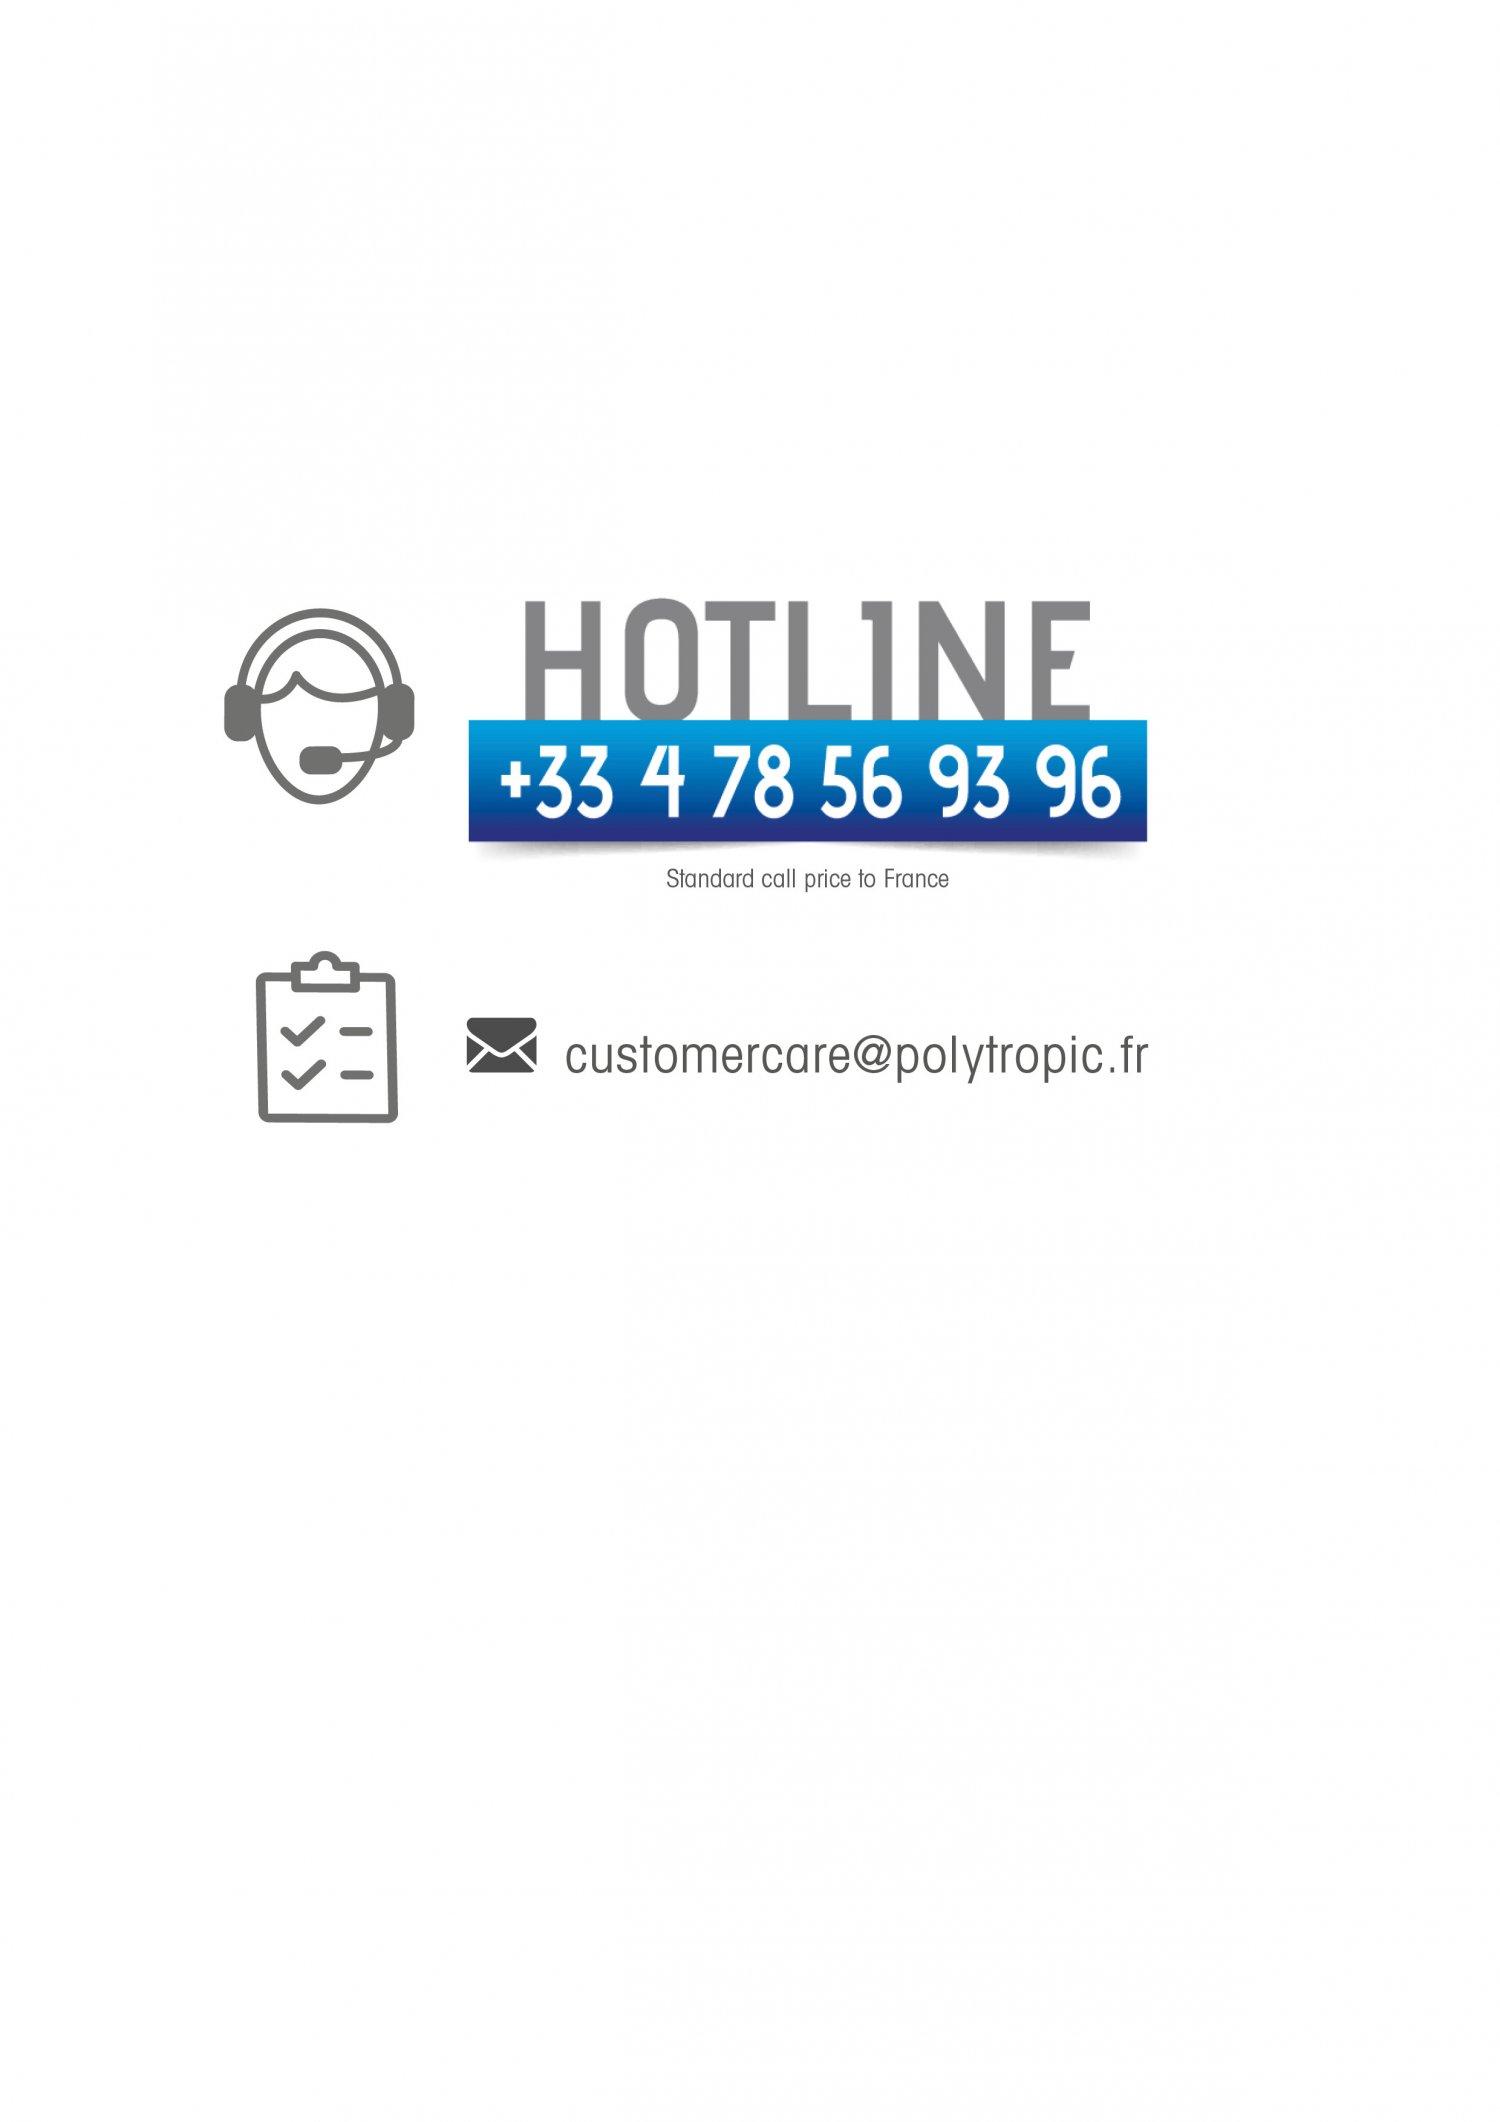 hotline ENG